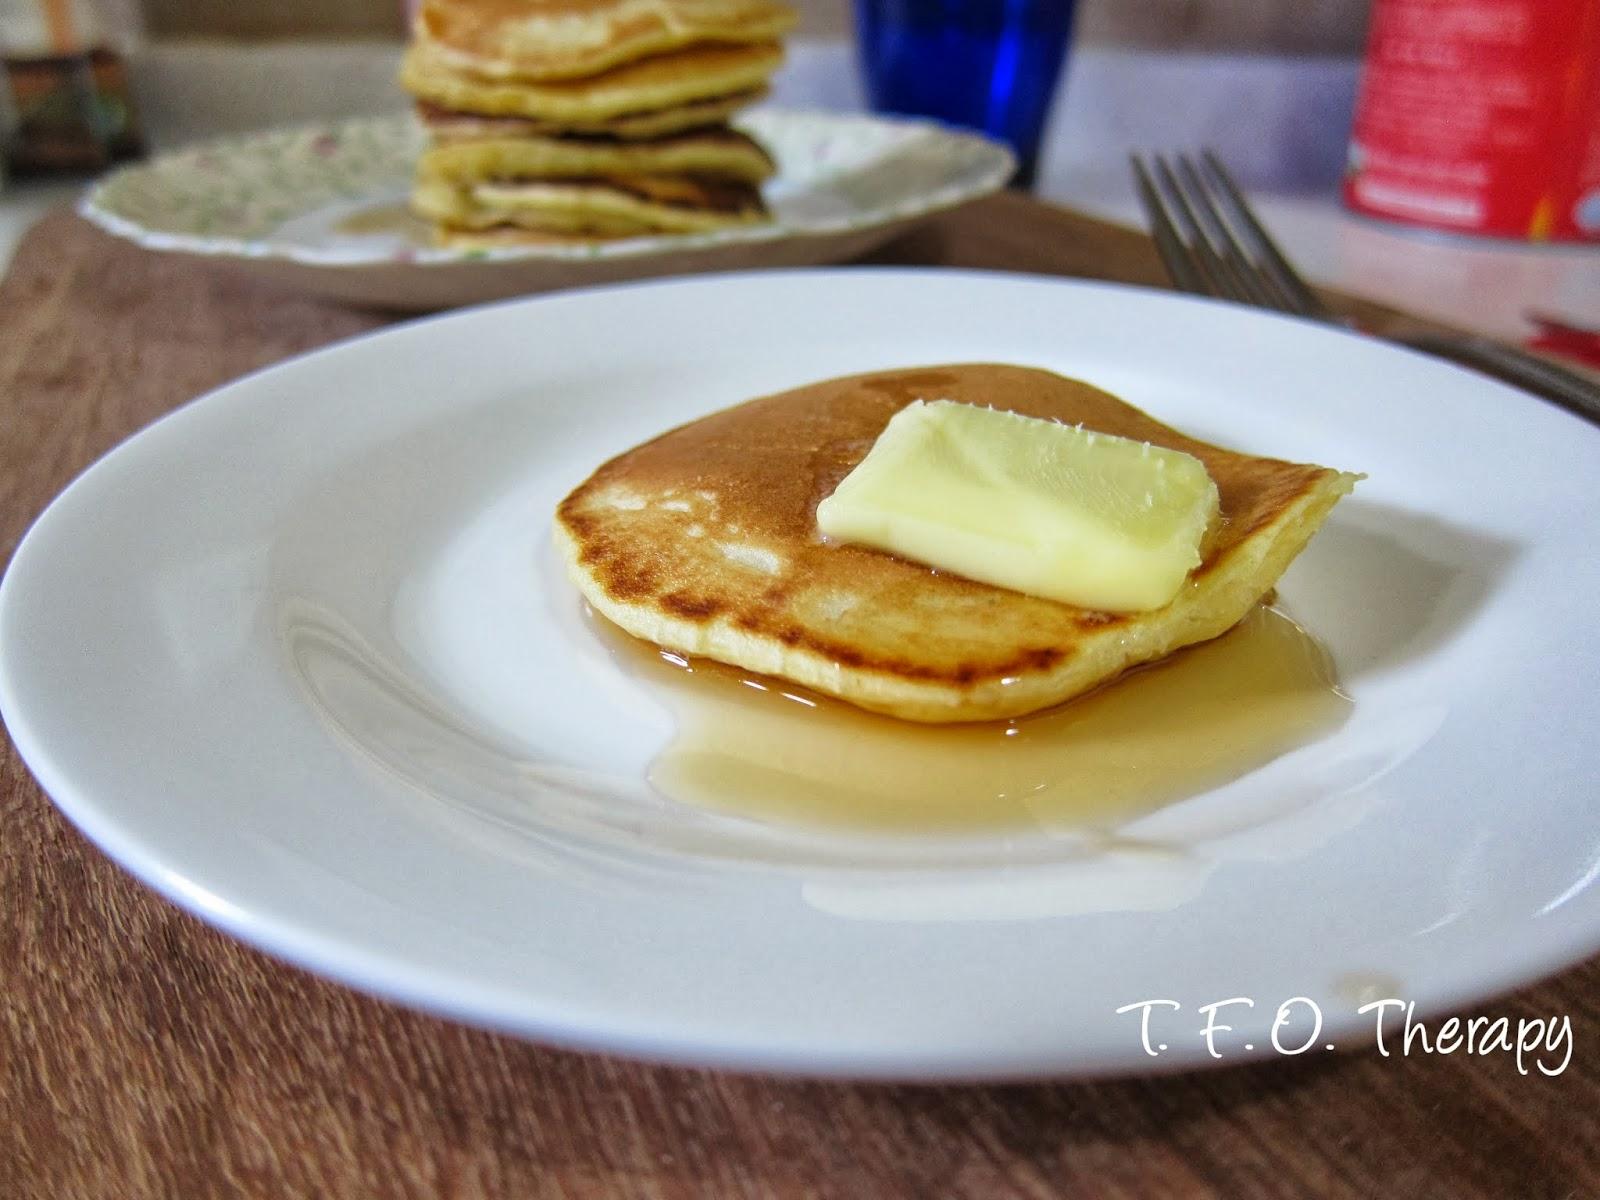 迷你美式鬆餅 (mini pancakes)